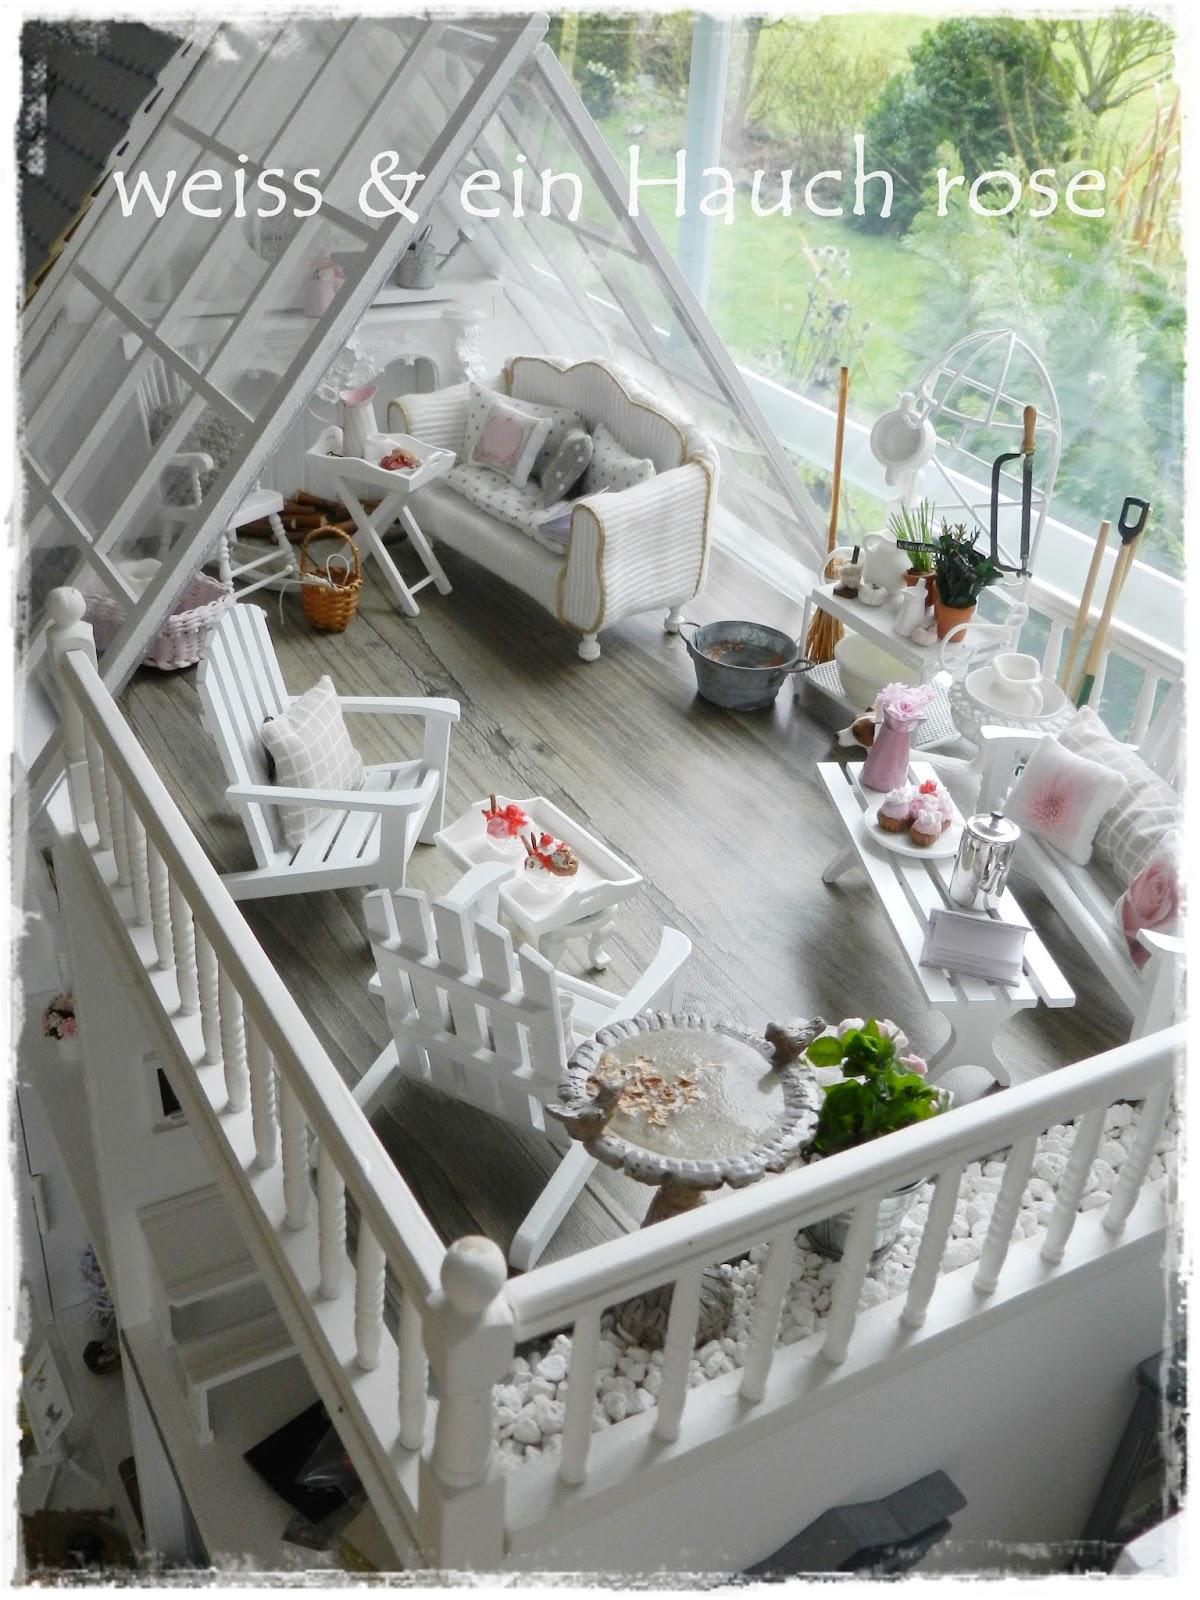 wei ein hauch ros dachterrasse im puppenhaus. Black Bedroom Furniture Sets. Home Design Ideas